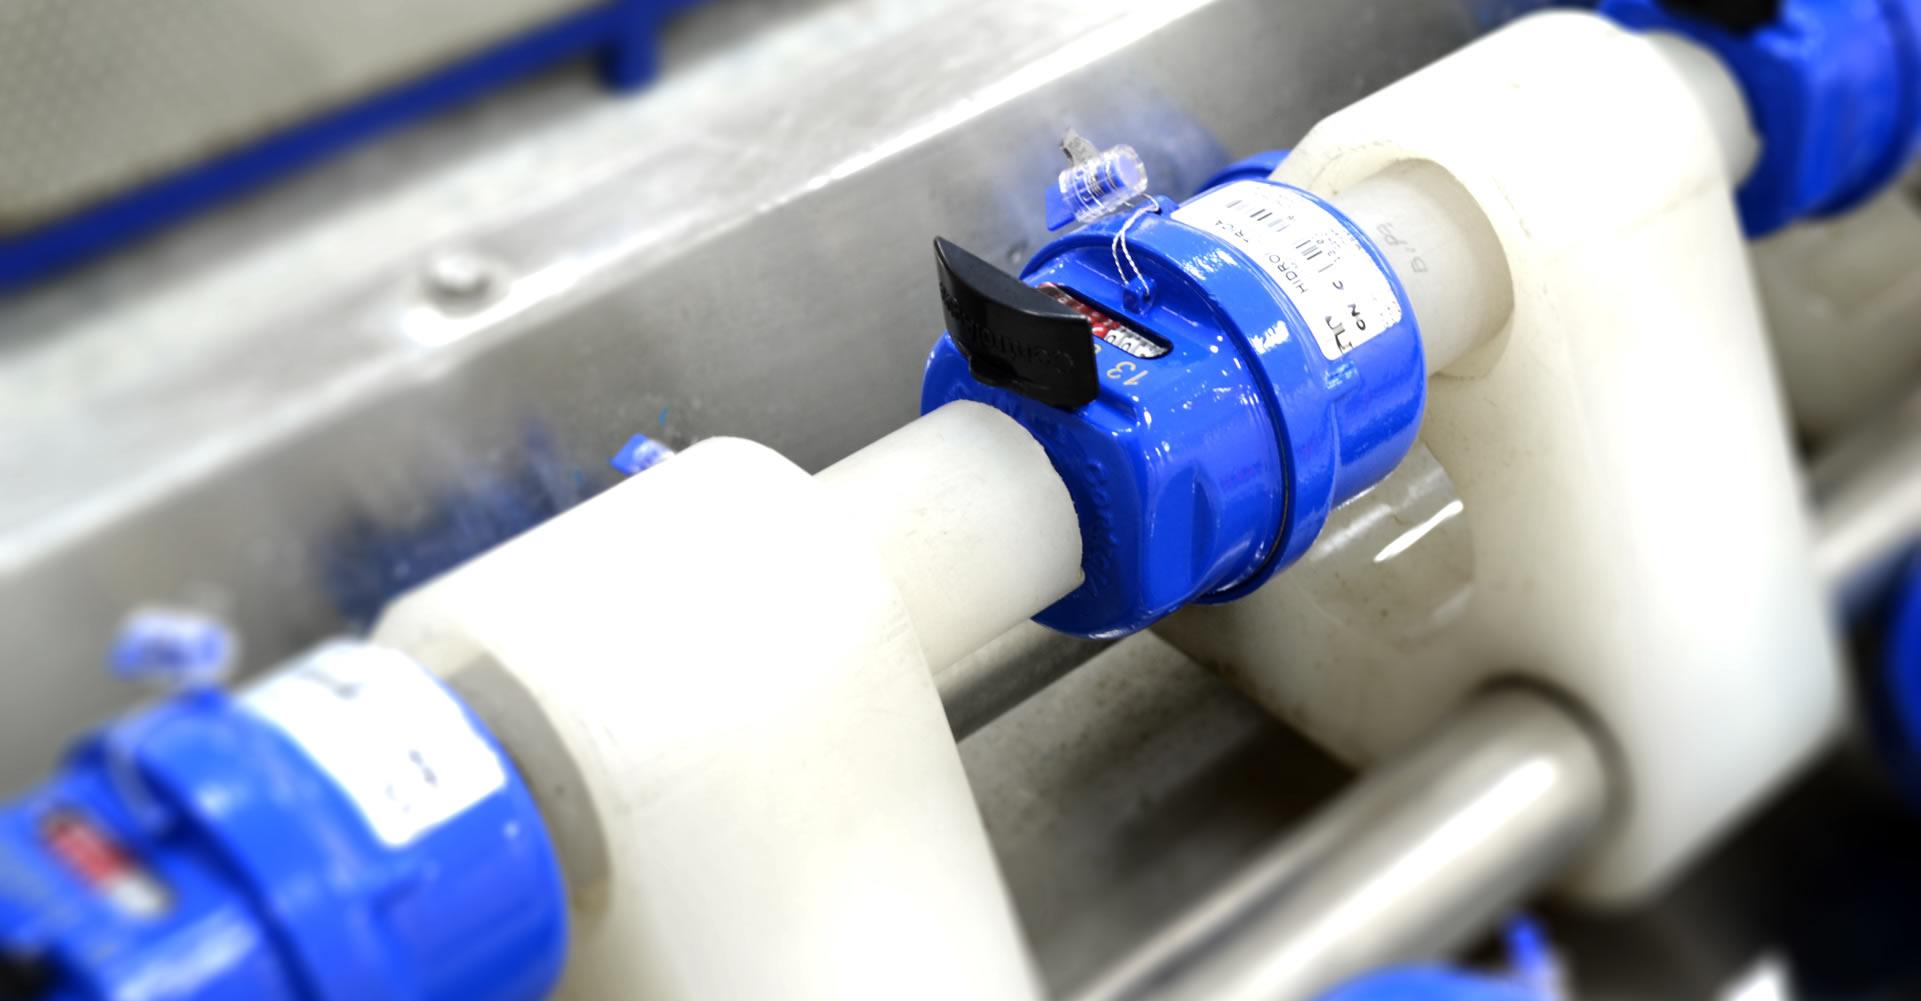 Bancos para calibración de medidoresDiseñados y fabricados en colombia, losbancos de calibración controlagua hansido instalados en varias ciudades del paísy cuentan con certificaciones vigentes.